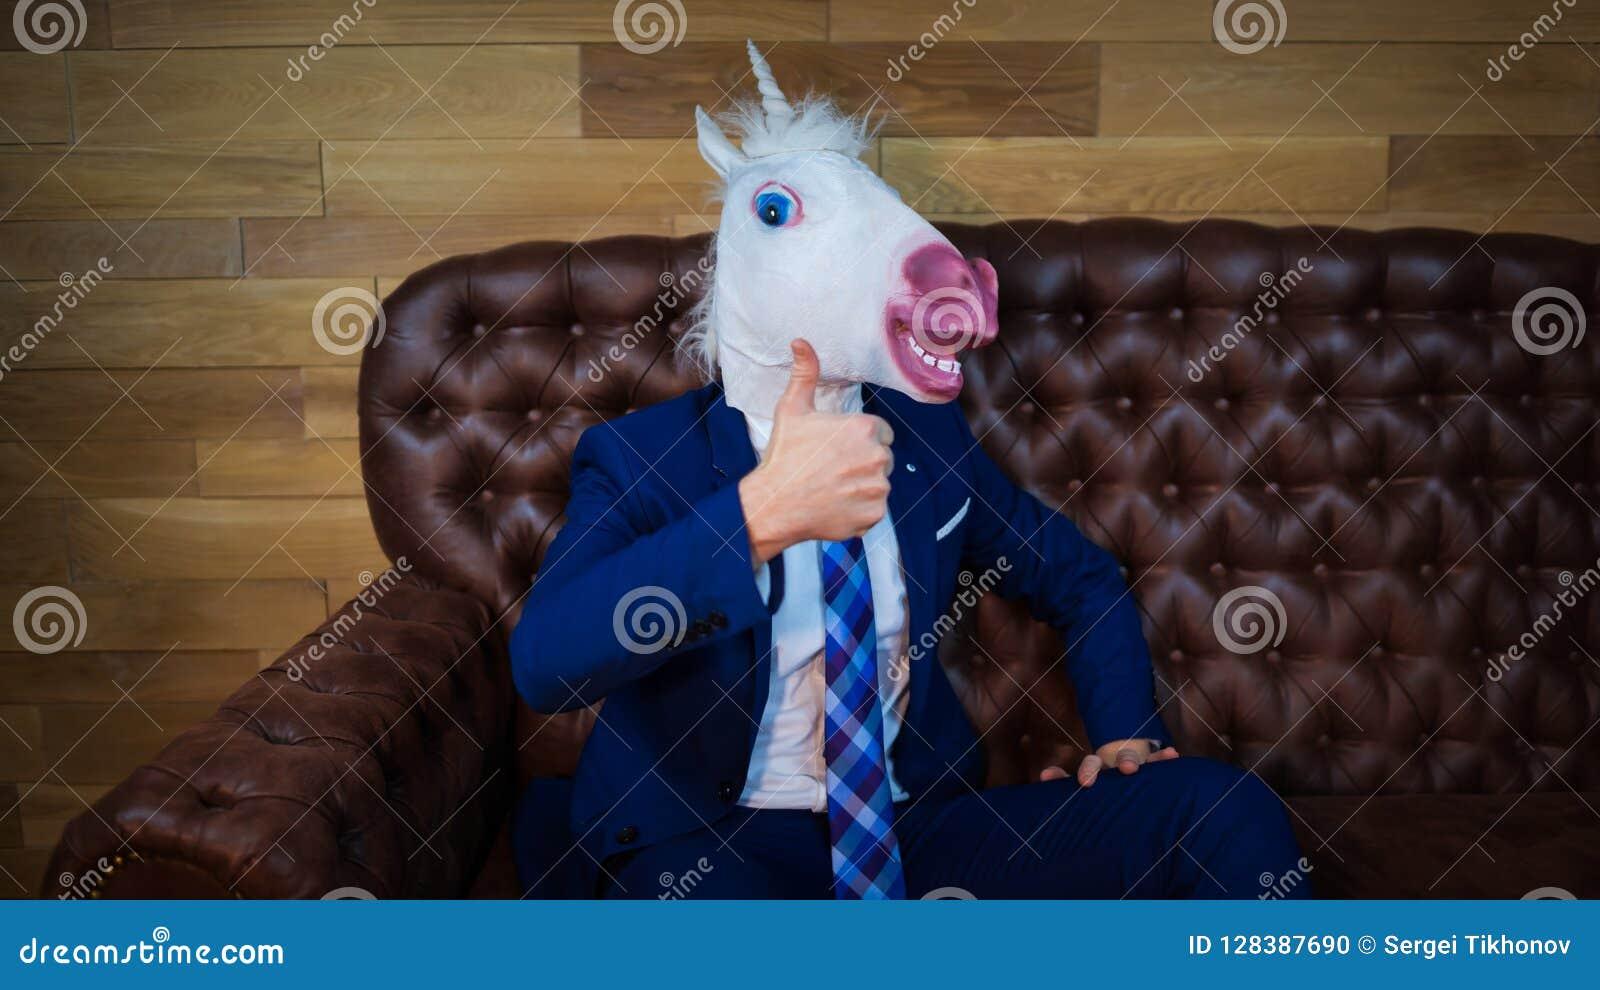 Ο αστείος μονόκερος στο κομψό κοστούμι κάθεται στον καναπέ όπως έναν προϊστάμενο και την παρουσίαση χειρονομίας